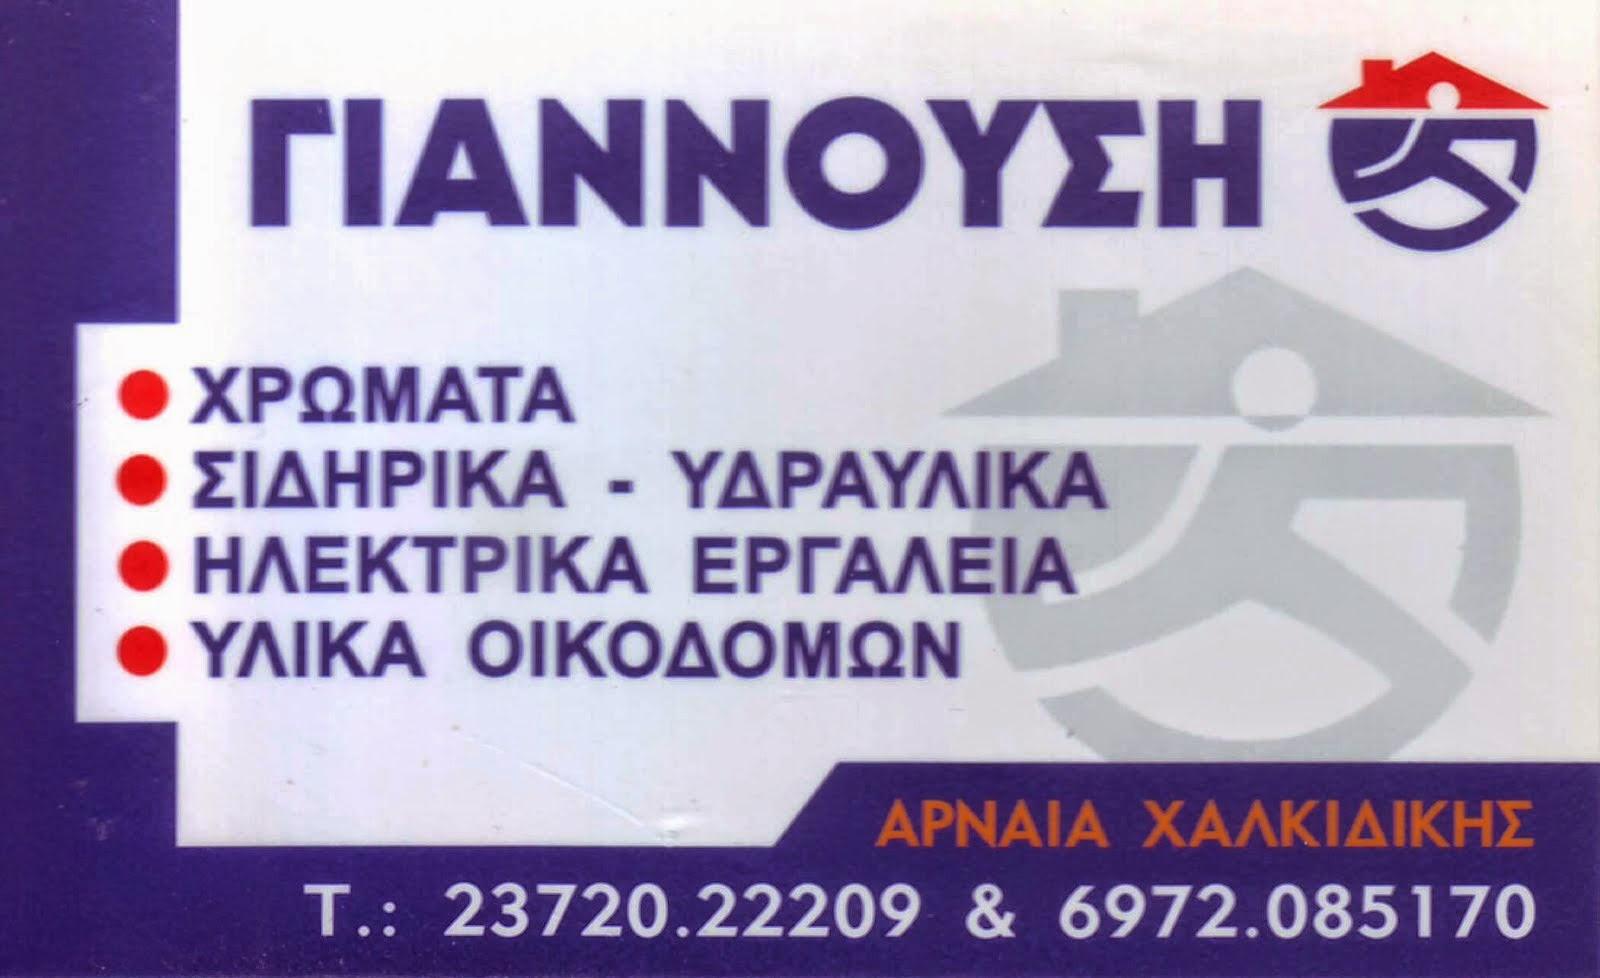 ΓΙΑΝΝΟΥΣΗ ΧΡΩΜΑΤΑ-ΣΥΔΗΡΙΚΑ